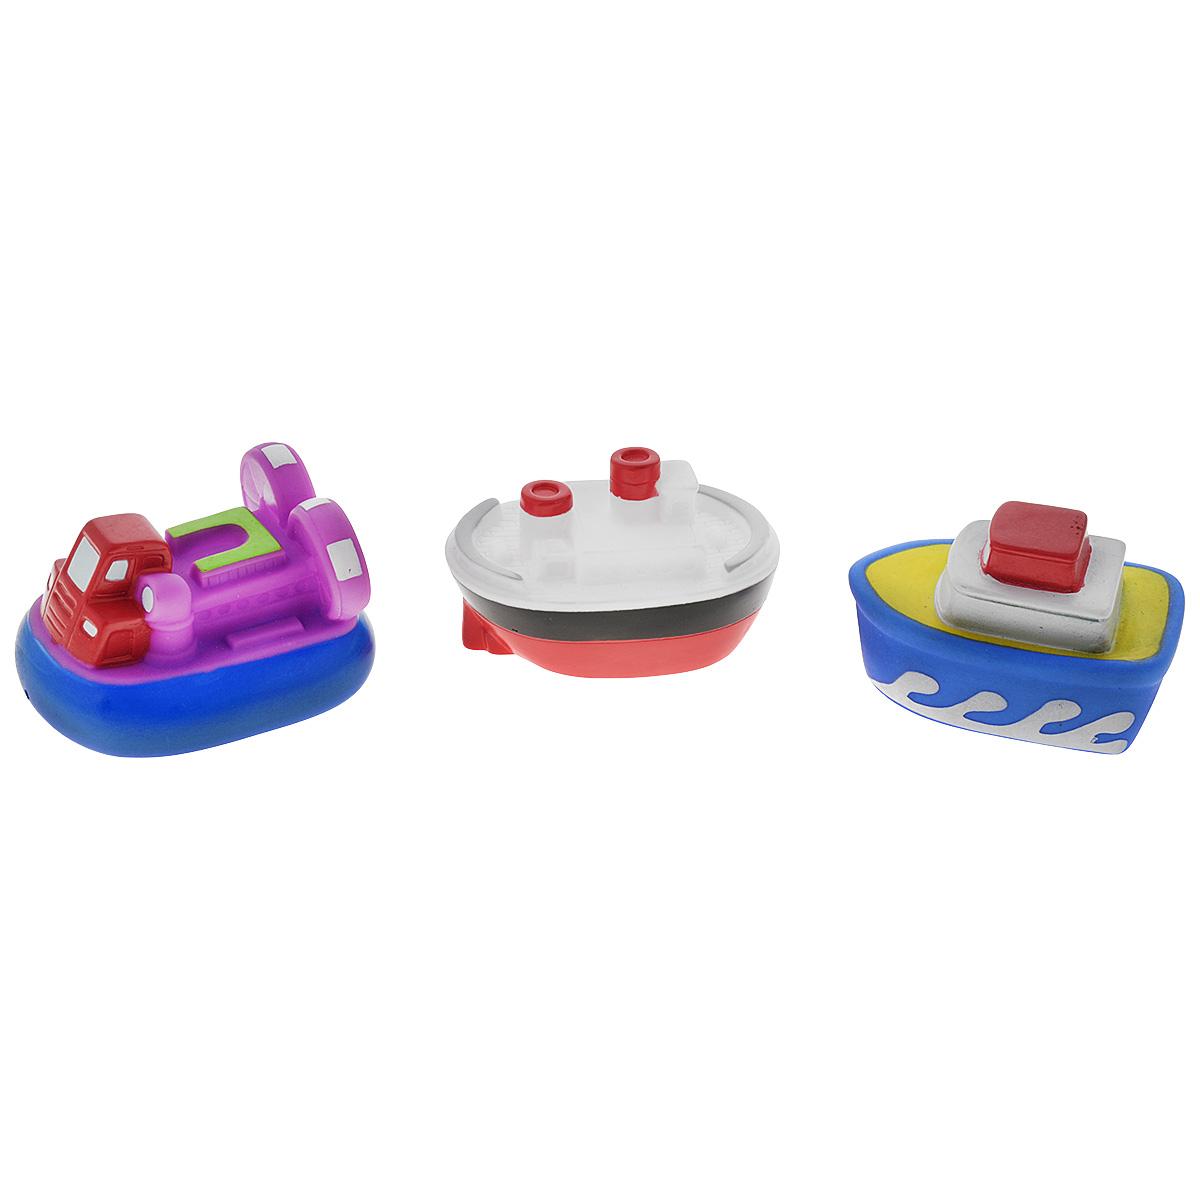 Игровой набор для ванны Mioshi Пароходики, 3 шт игрушки для ванны tolo toys набор ведерок квадратные